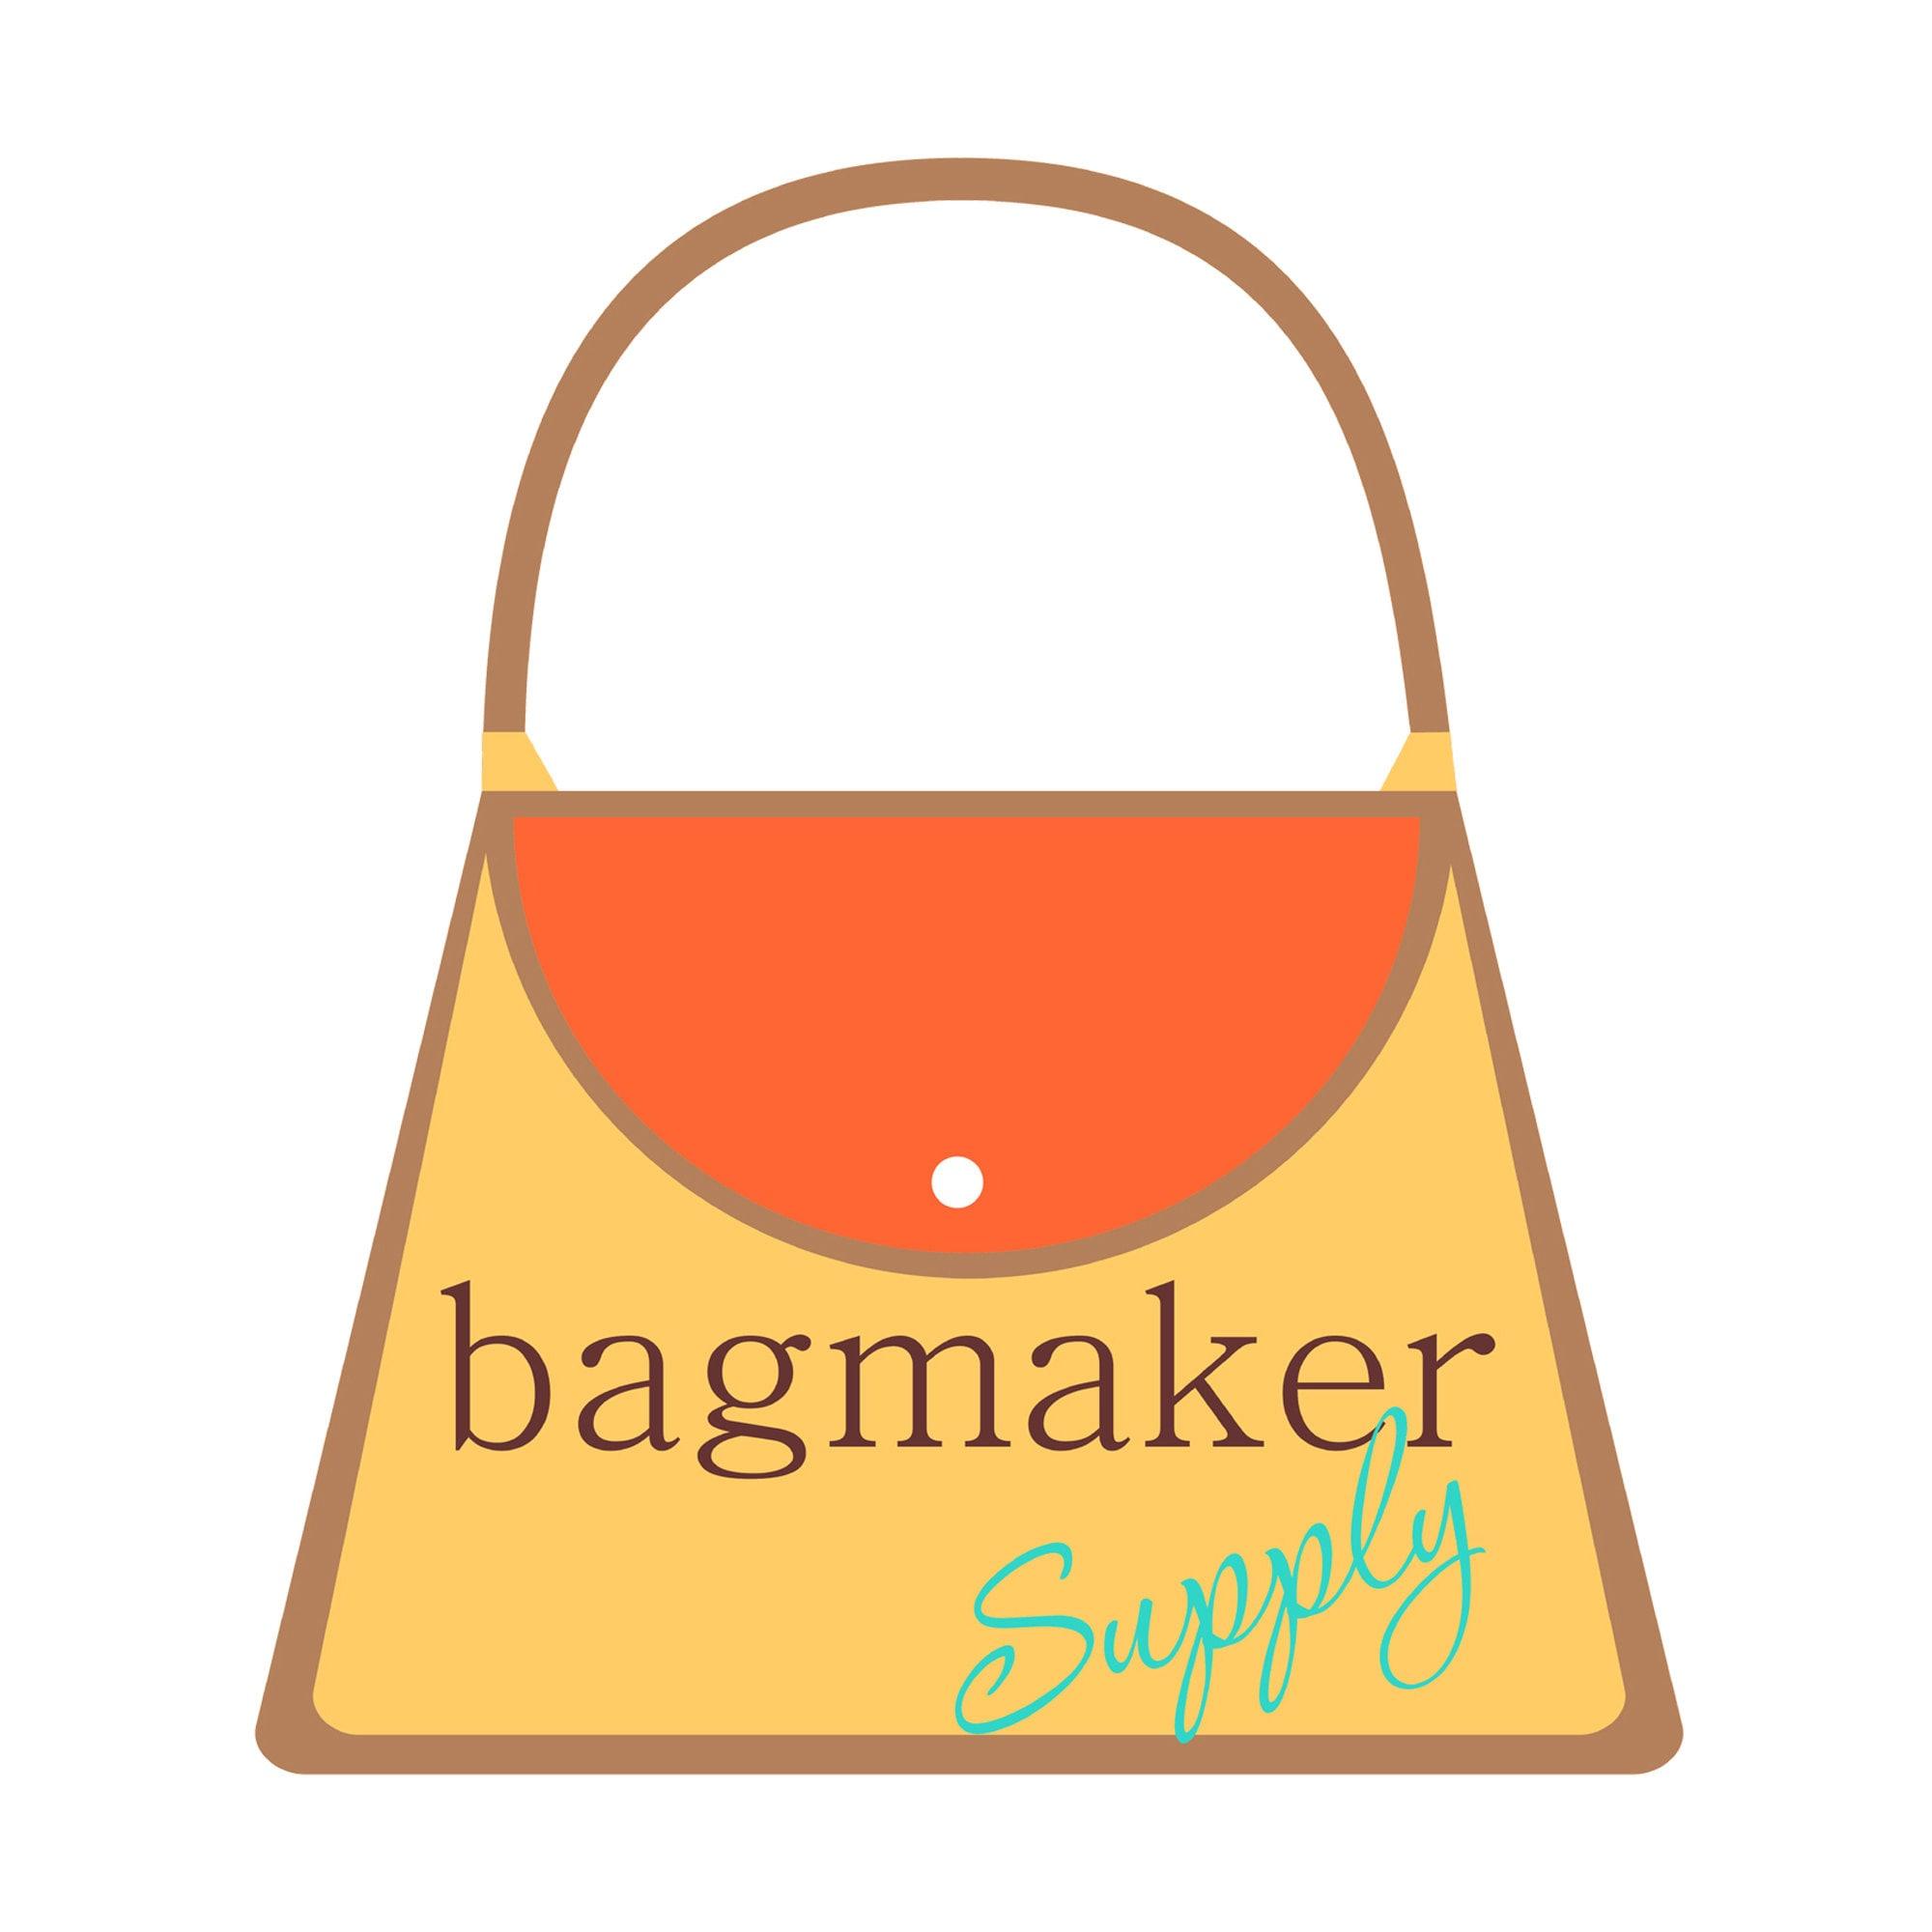 BagmakerSupply